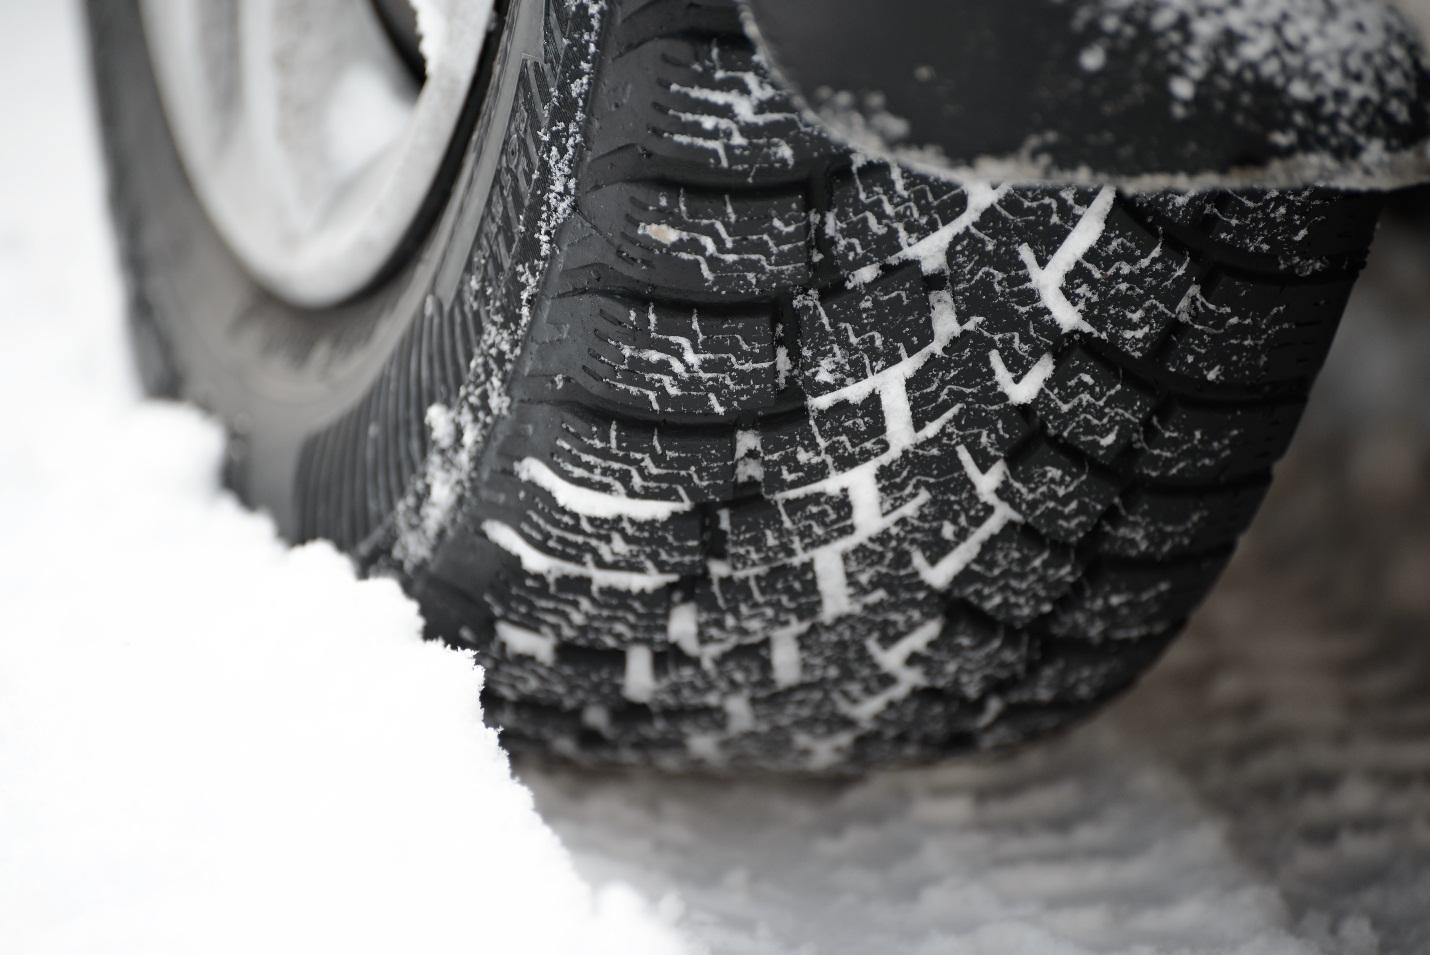 black winter tire in snow